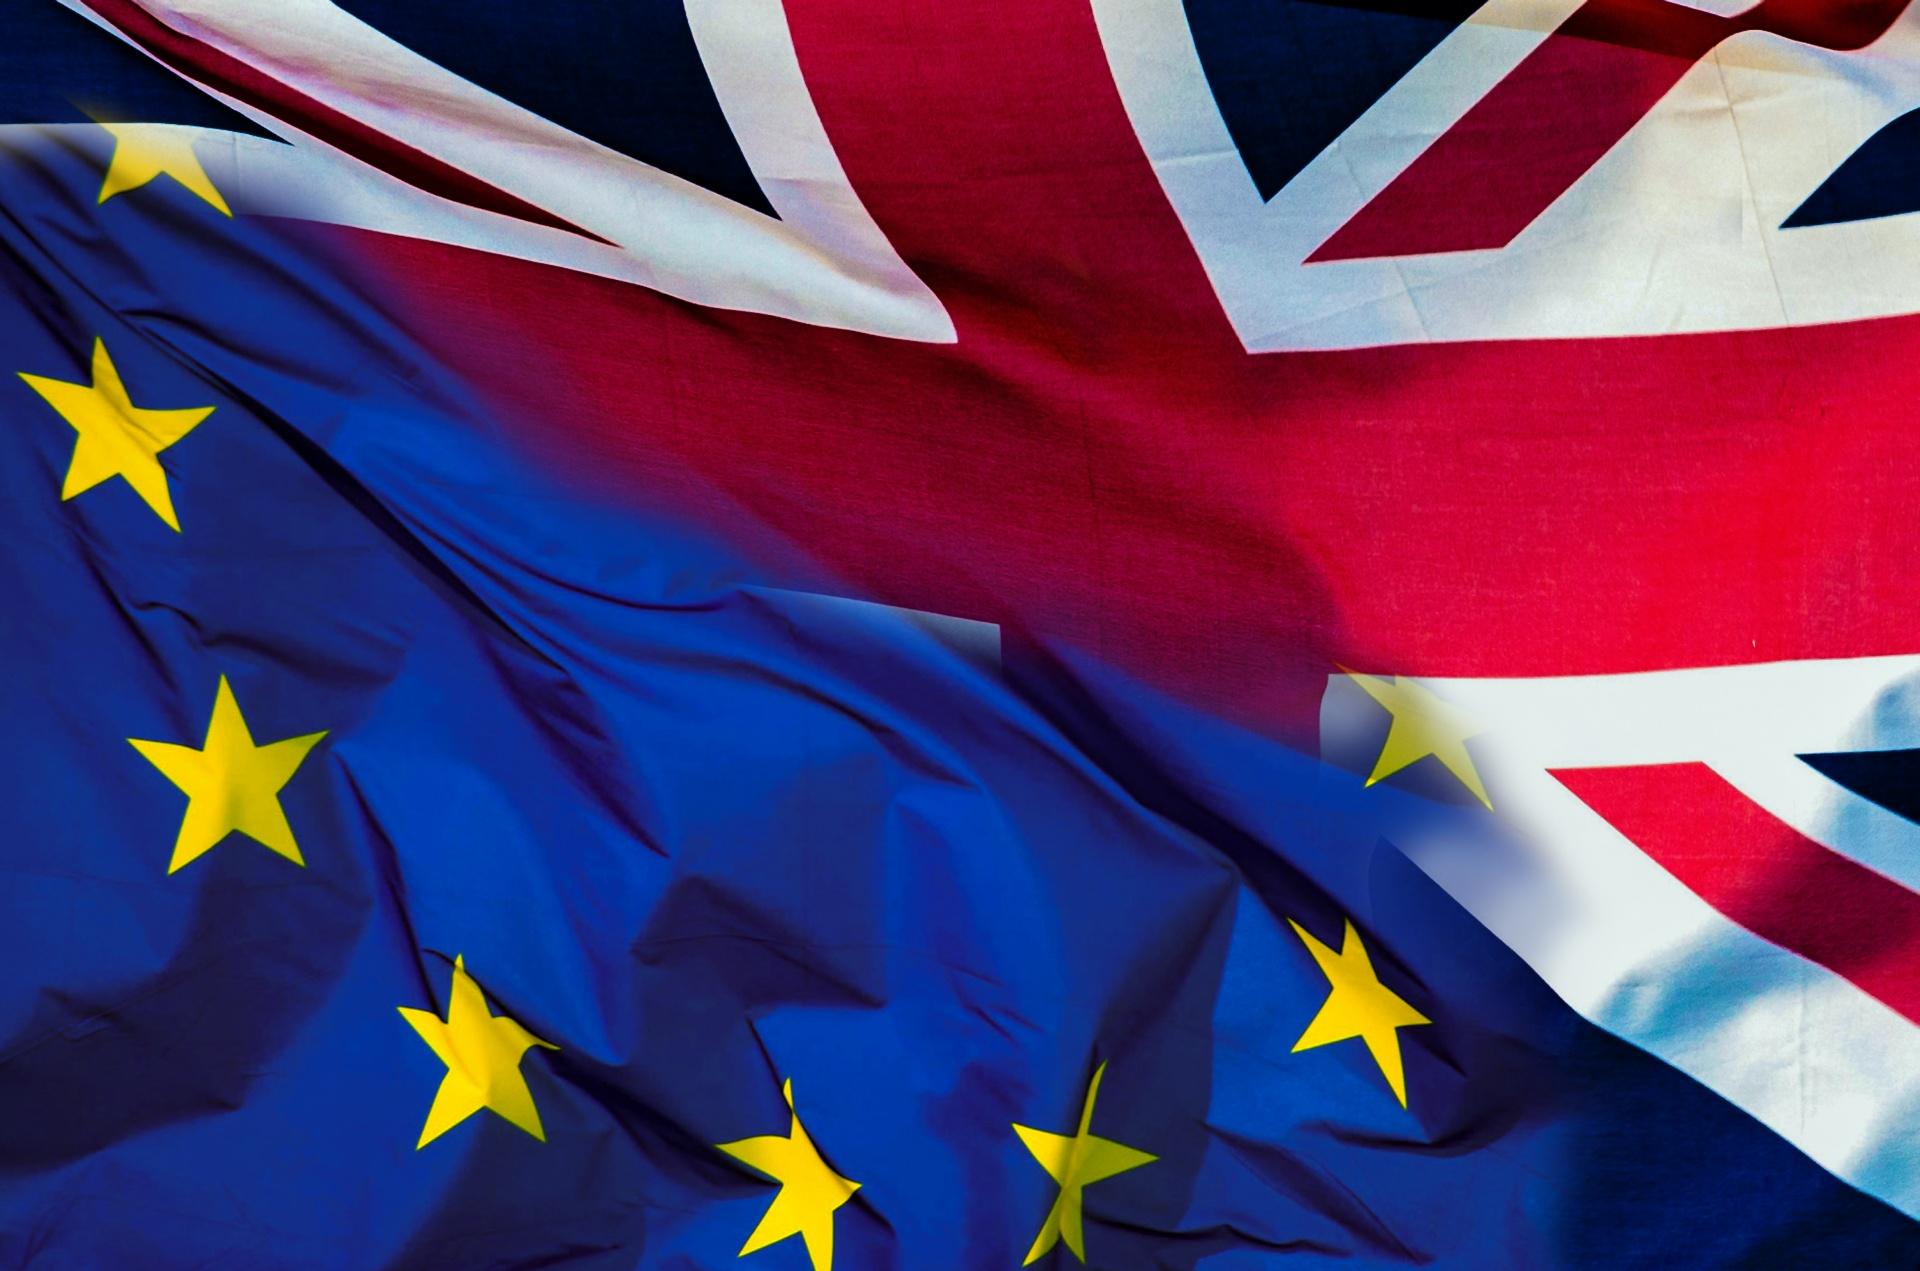 Brexit Turmoil Continues in Britain